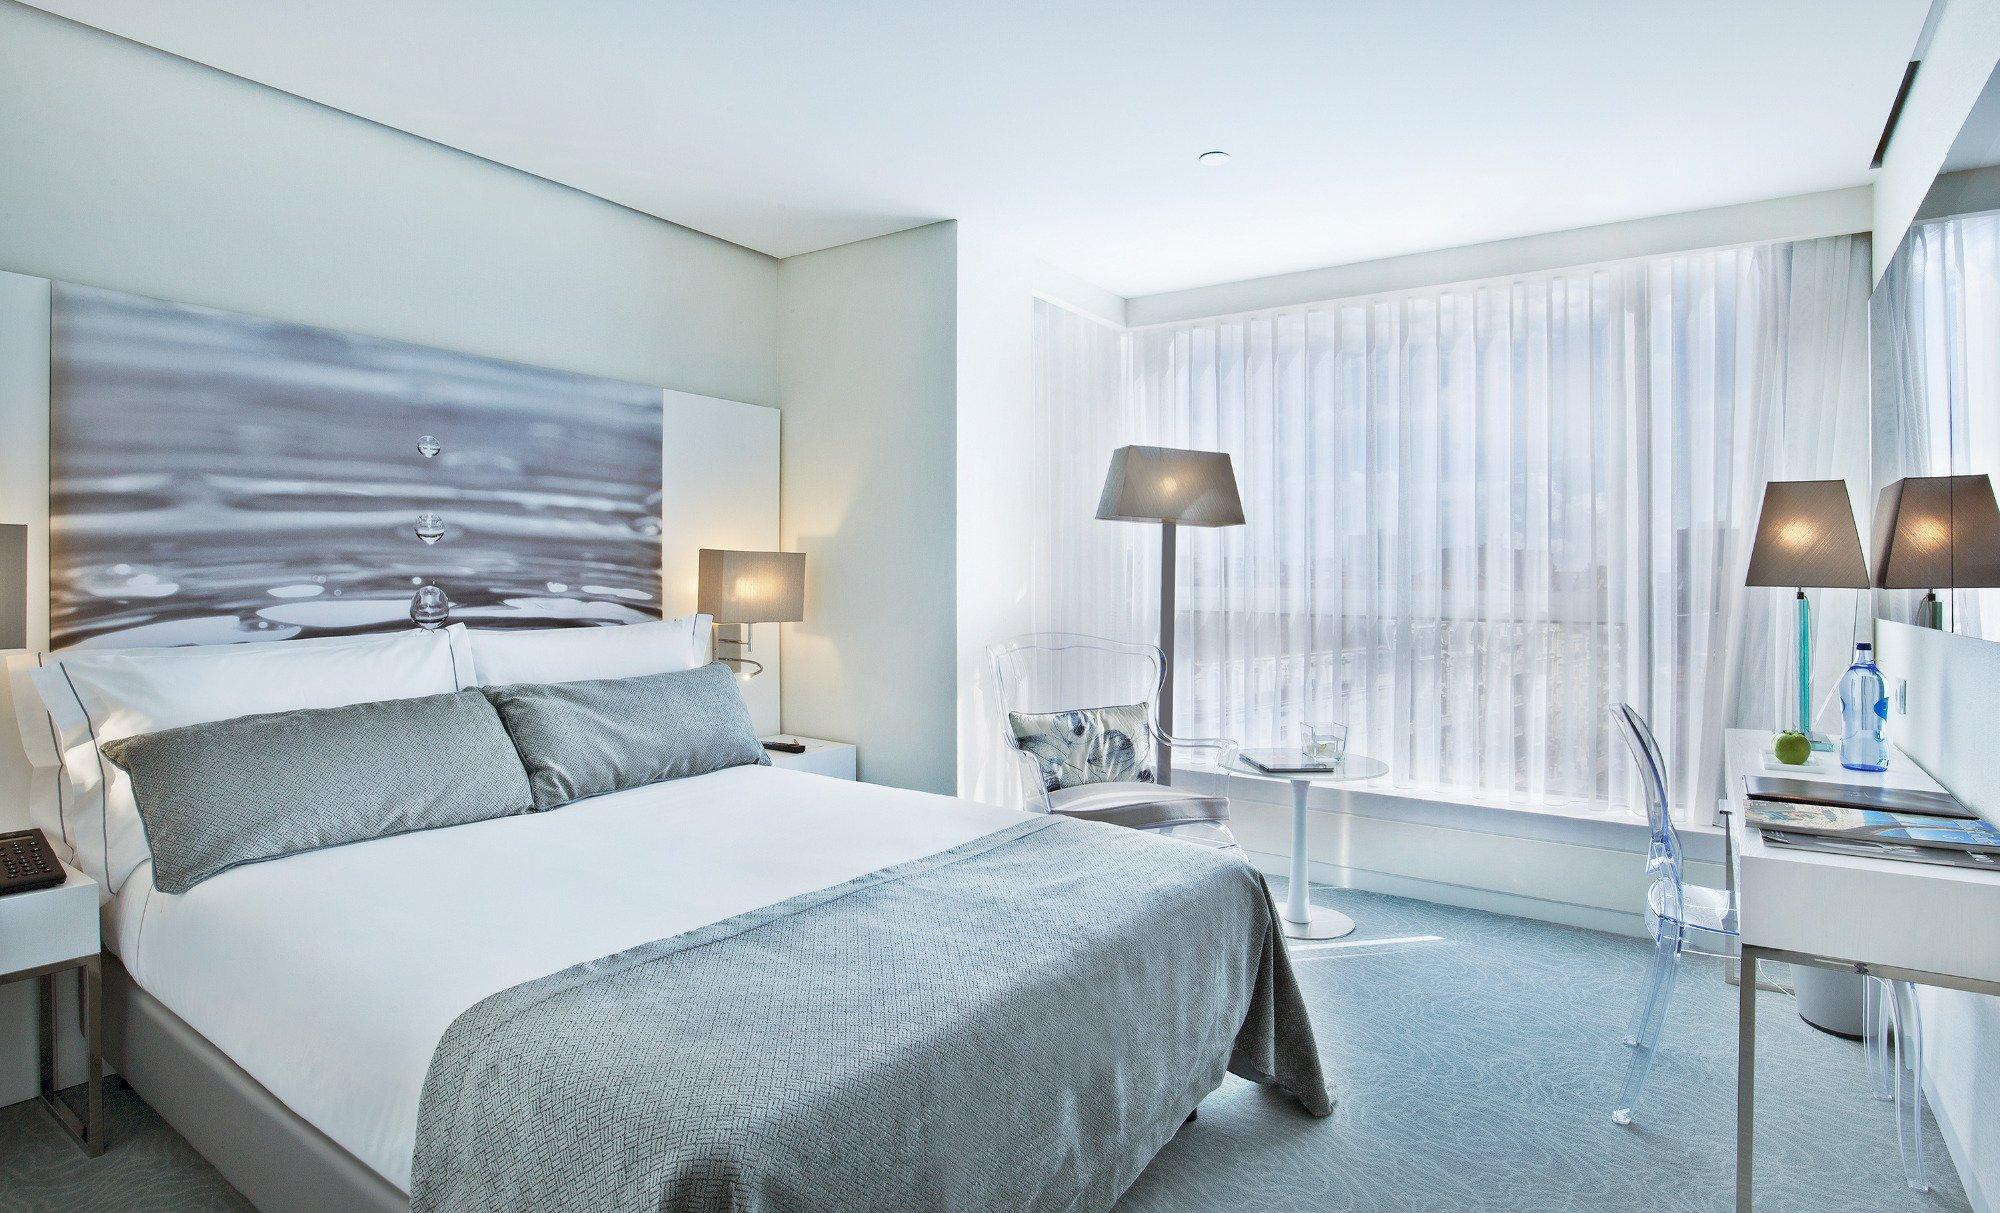 hotel-white-lisboa.jpg